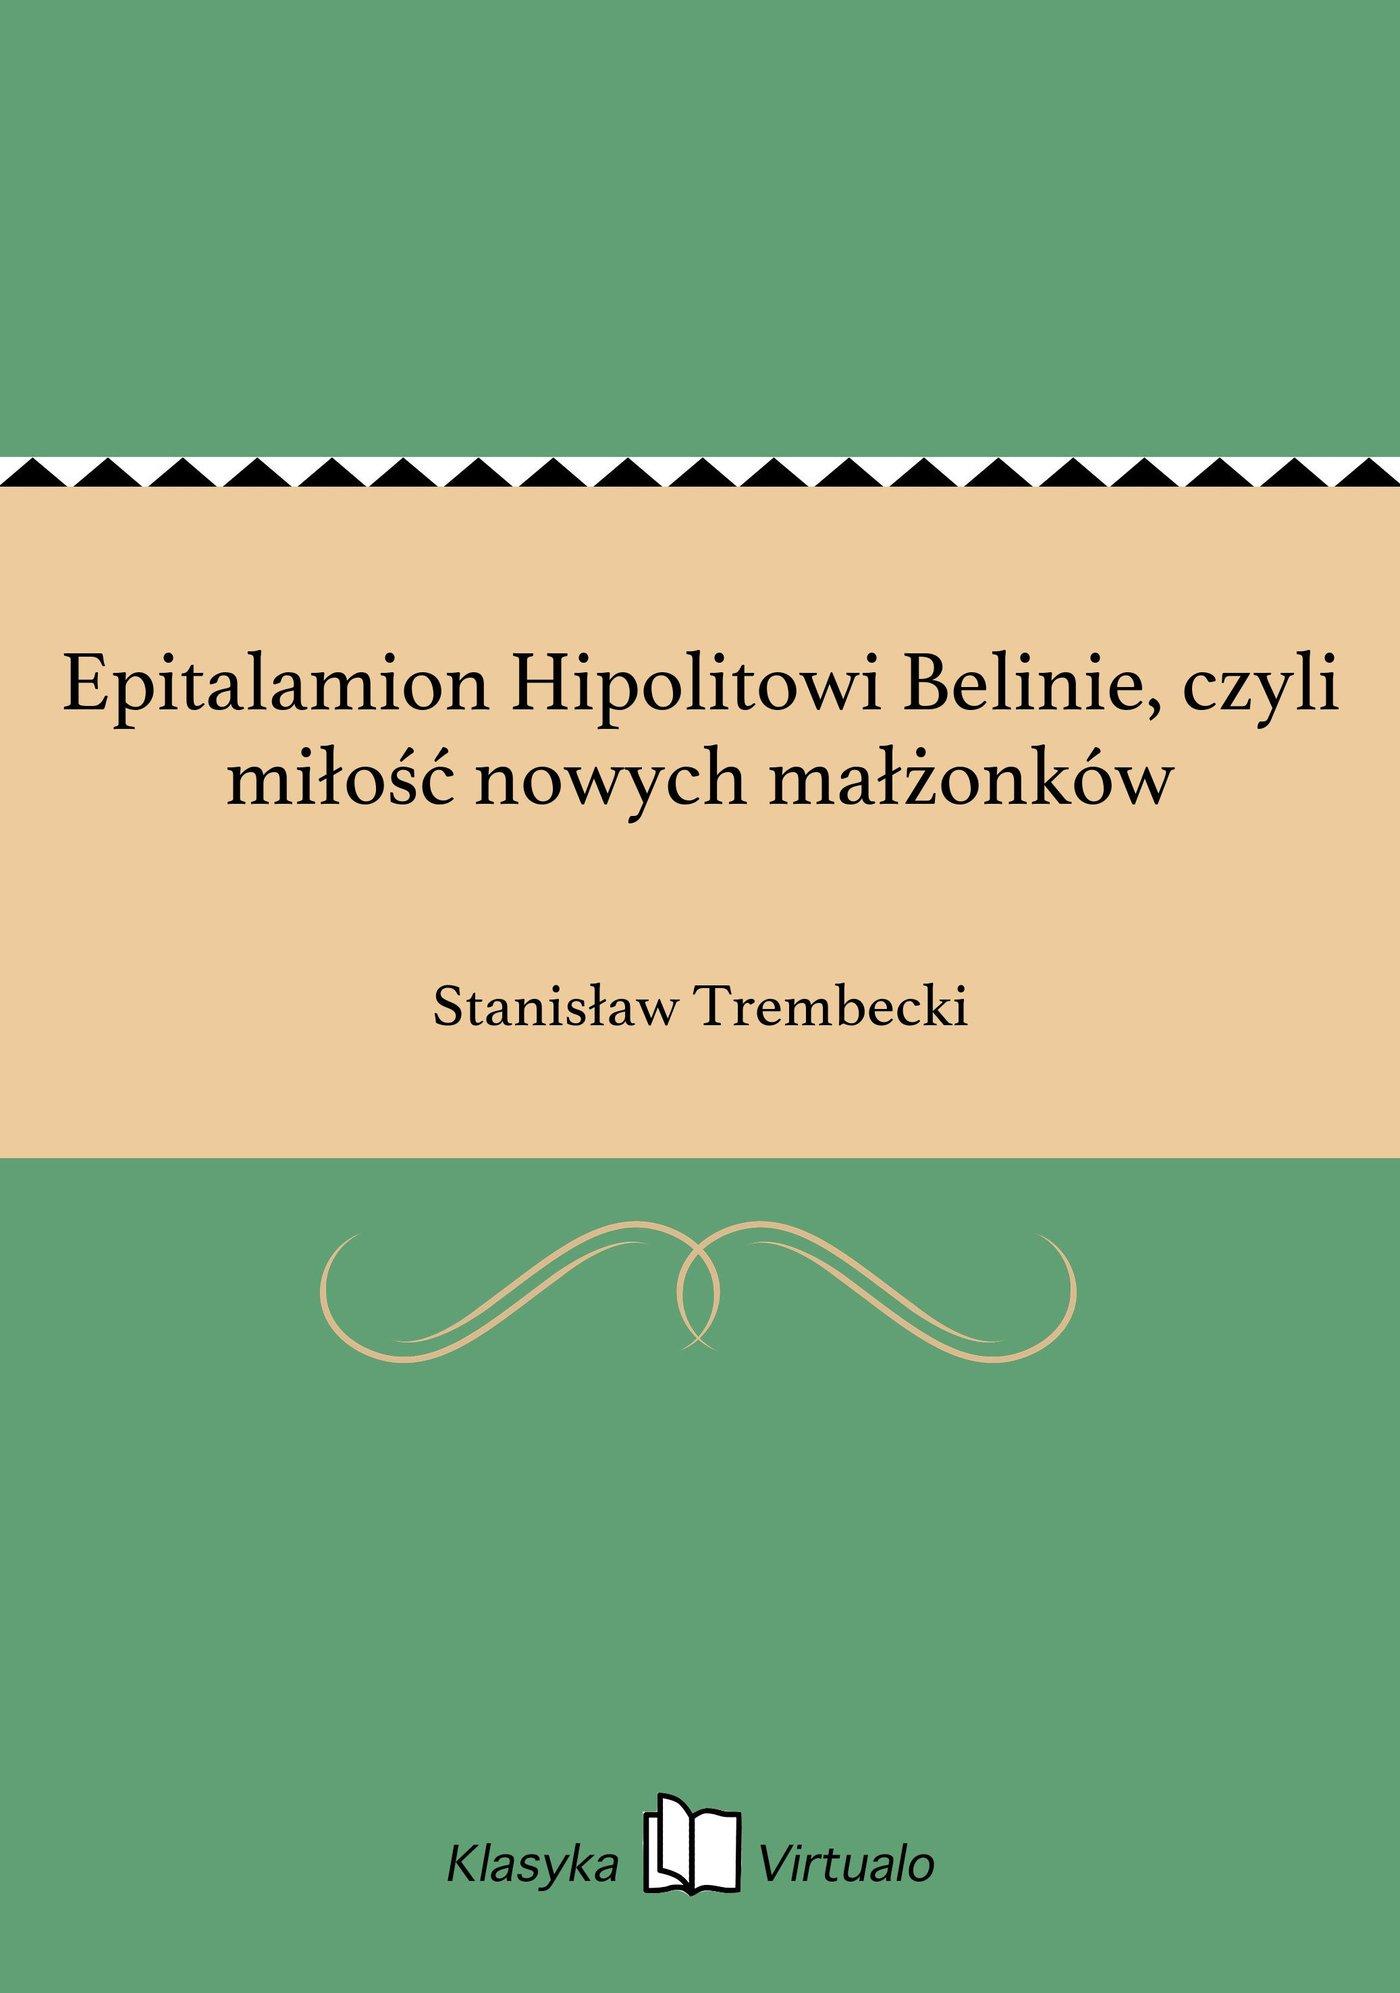 Epitalamion Hipolitowi Belinie, czyli miłość nowych małżonków - Ebook (Książka EPUB) do pobrania w formacie EPUB